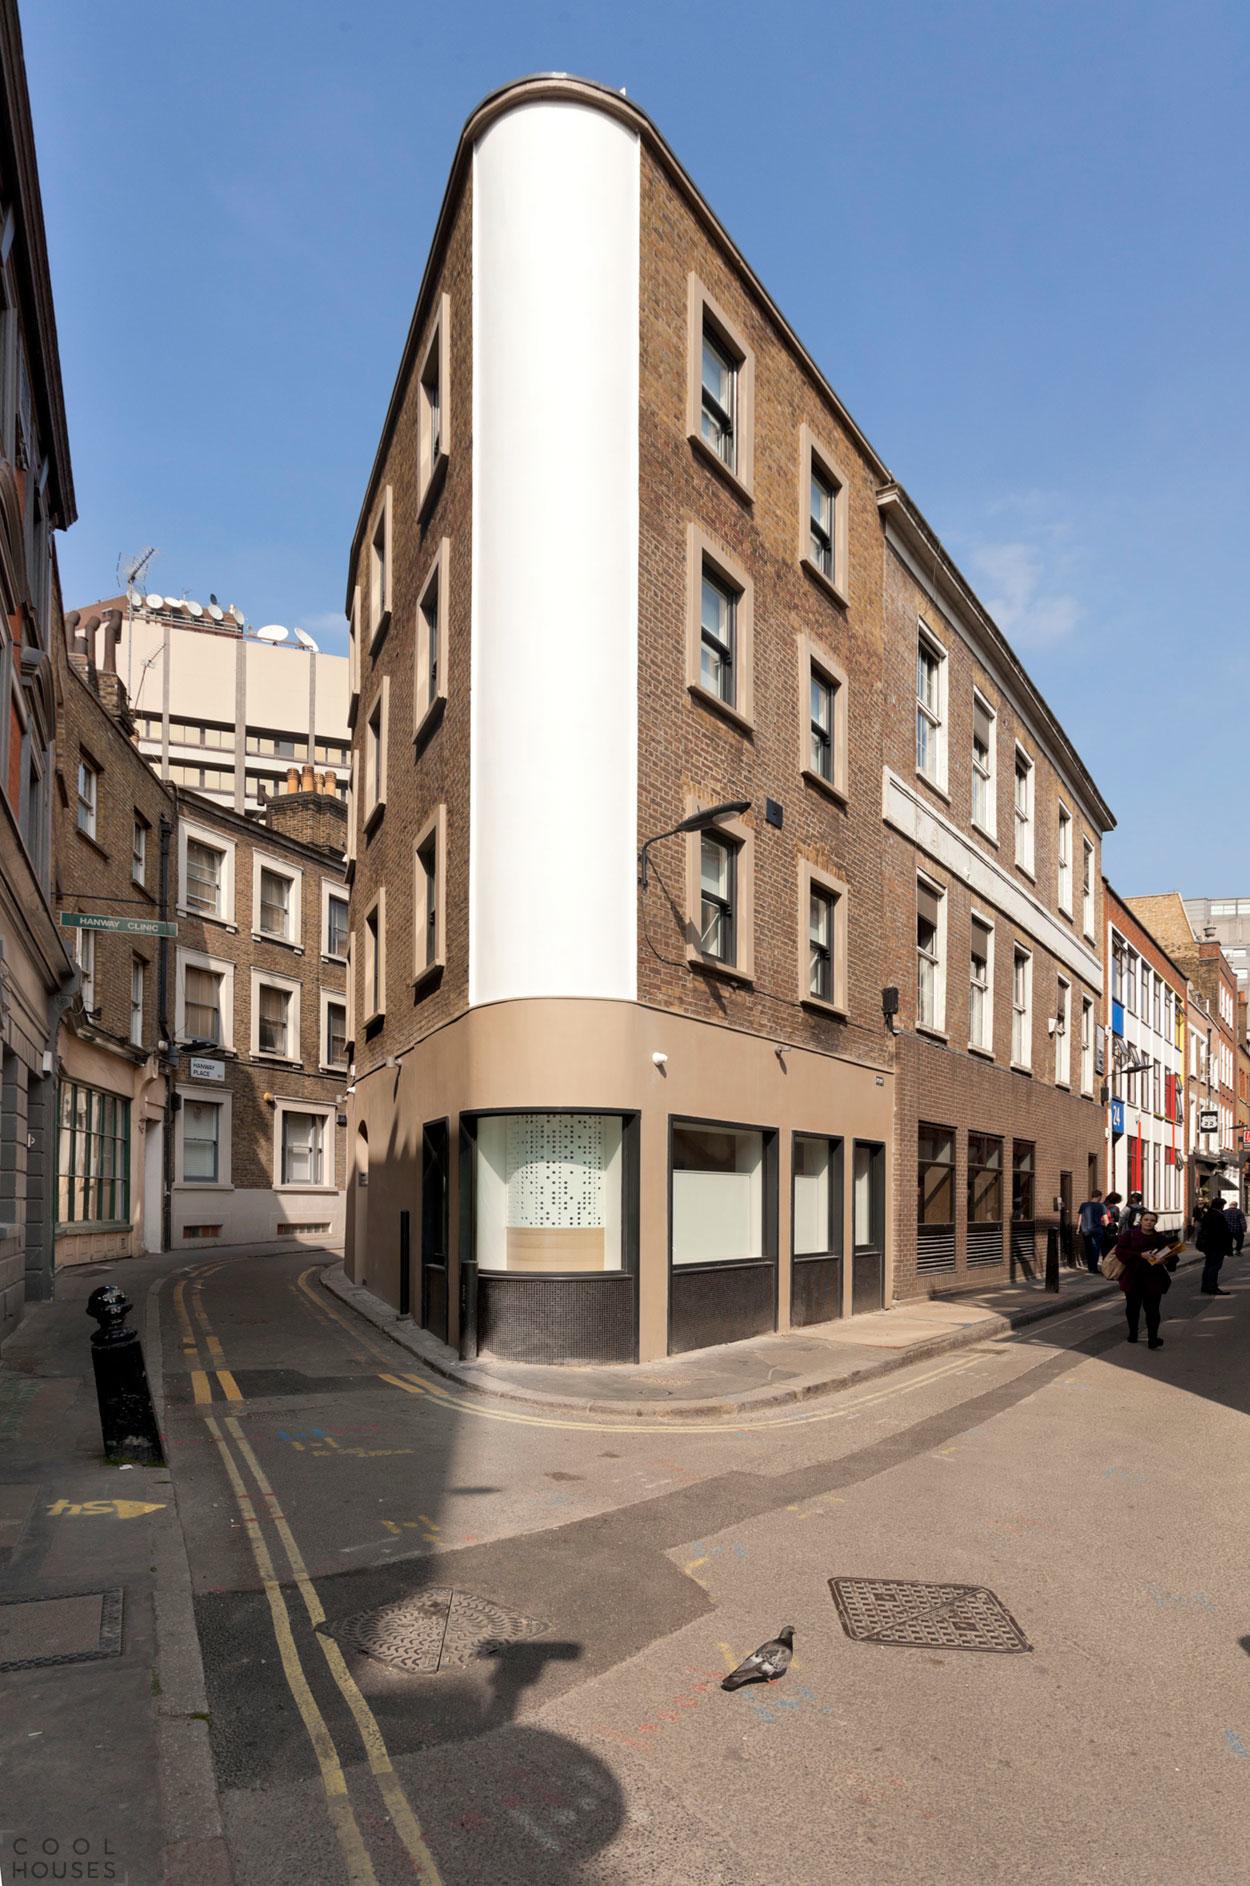 Дом-утюг (Flatiron House) в Лондоне